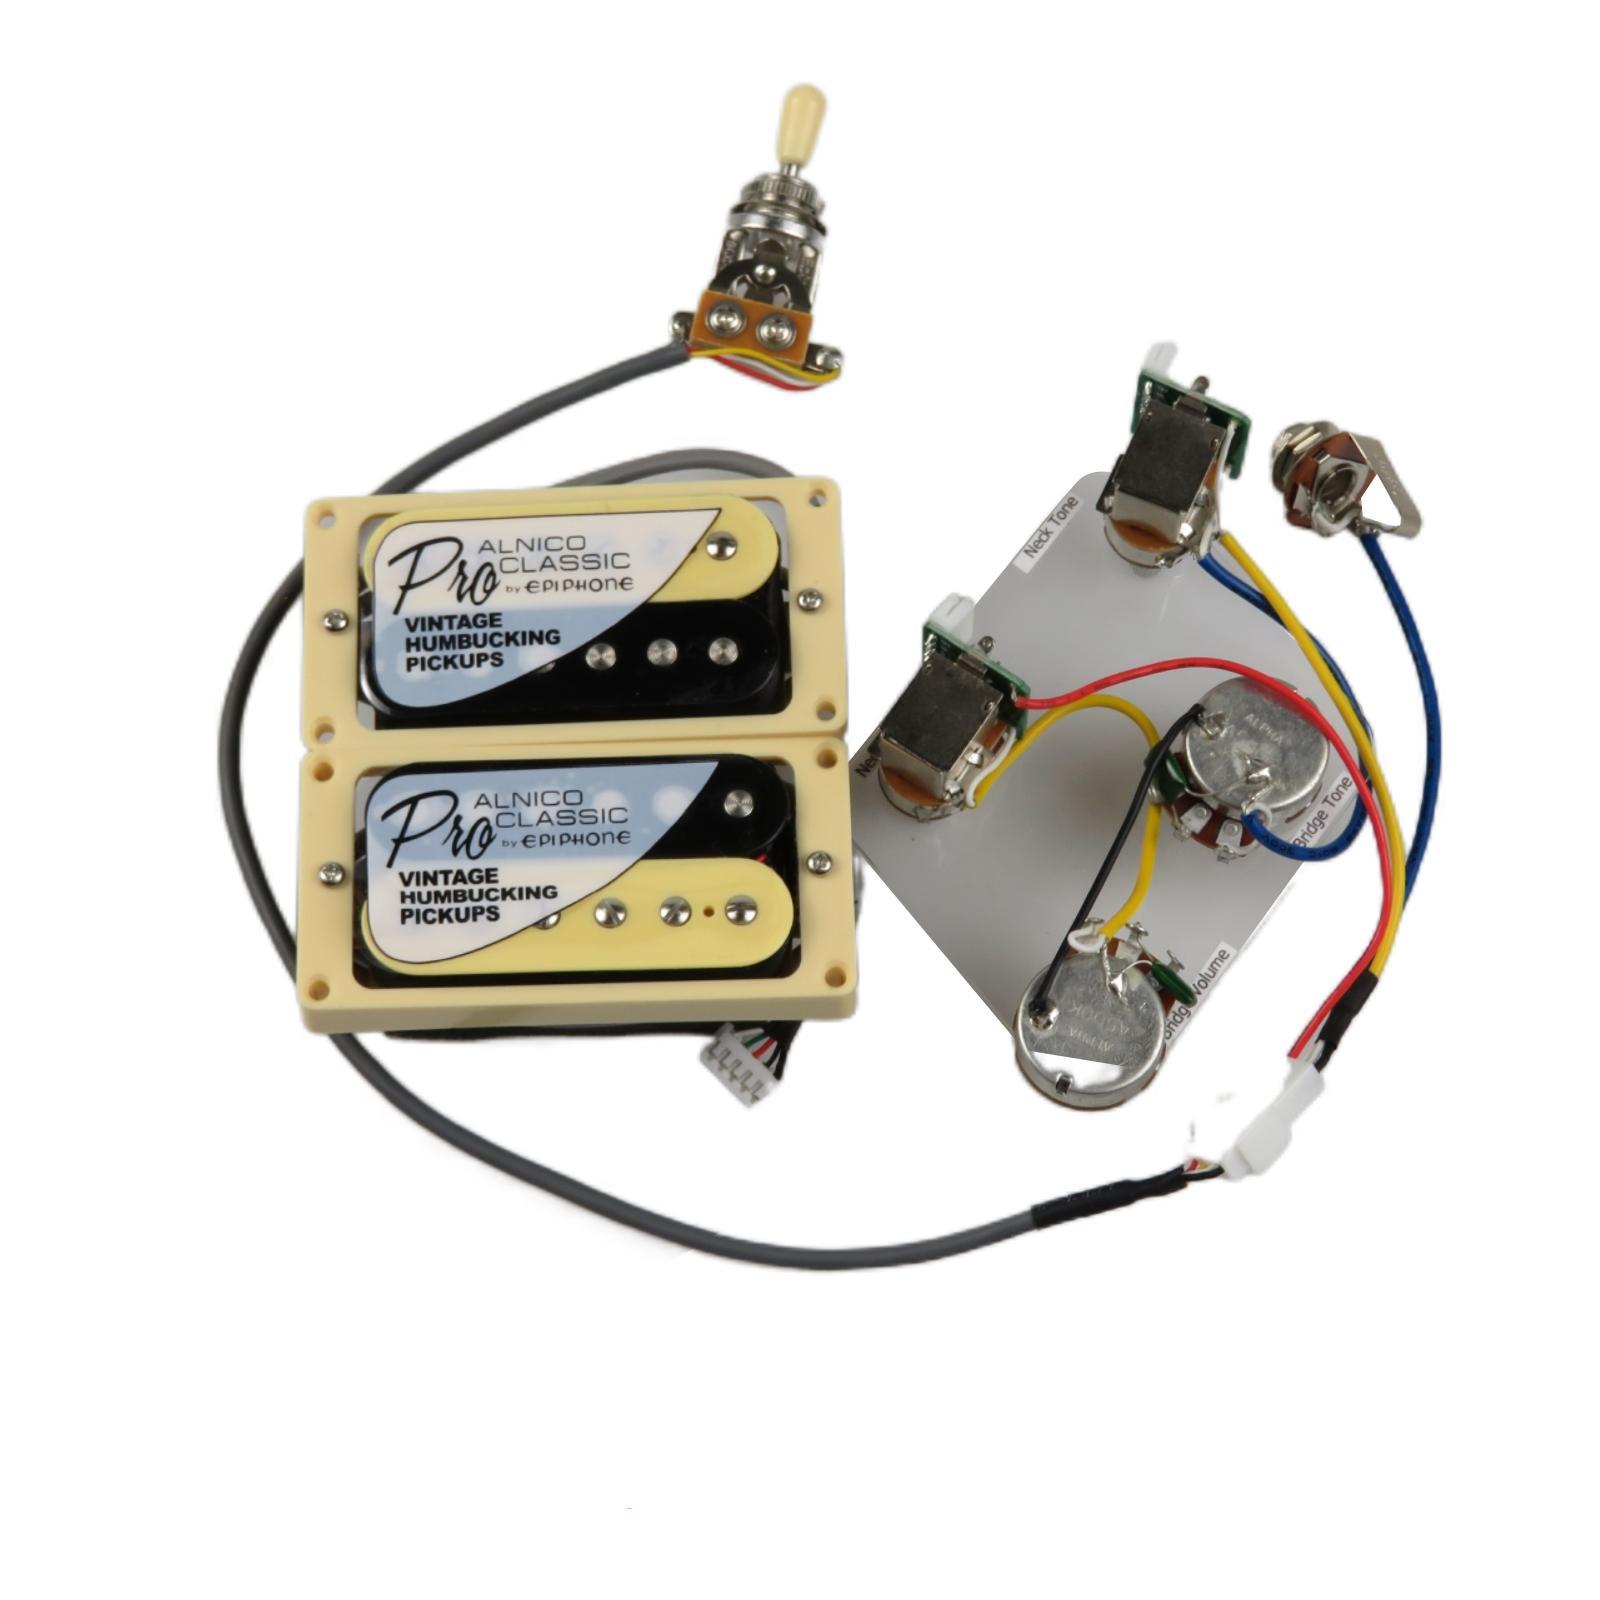 Zebra Humbucker Pickups Alnico 5 Probucker Push / Pull Wiring Cablaggio Pickup per chitarra elettrica per Gibson